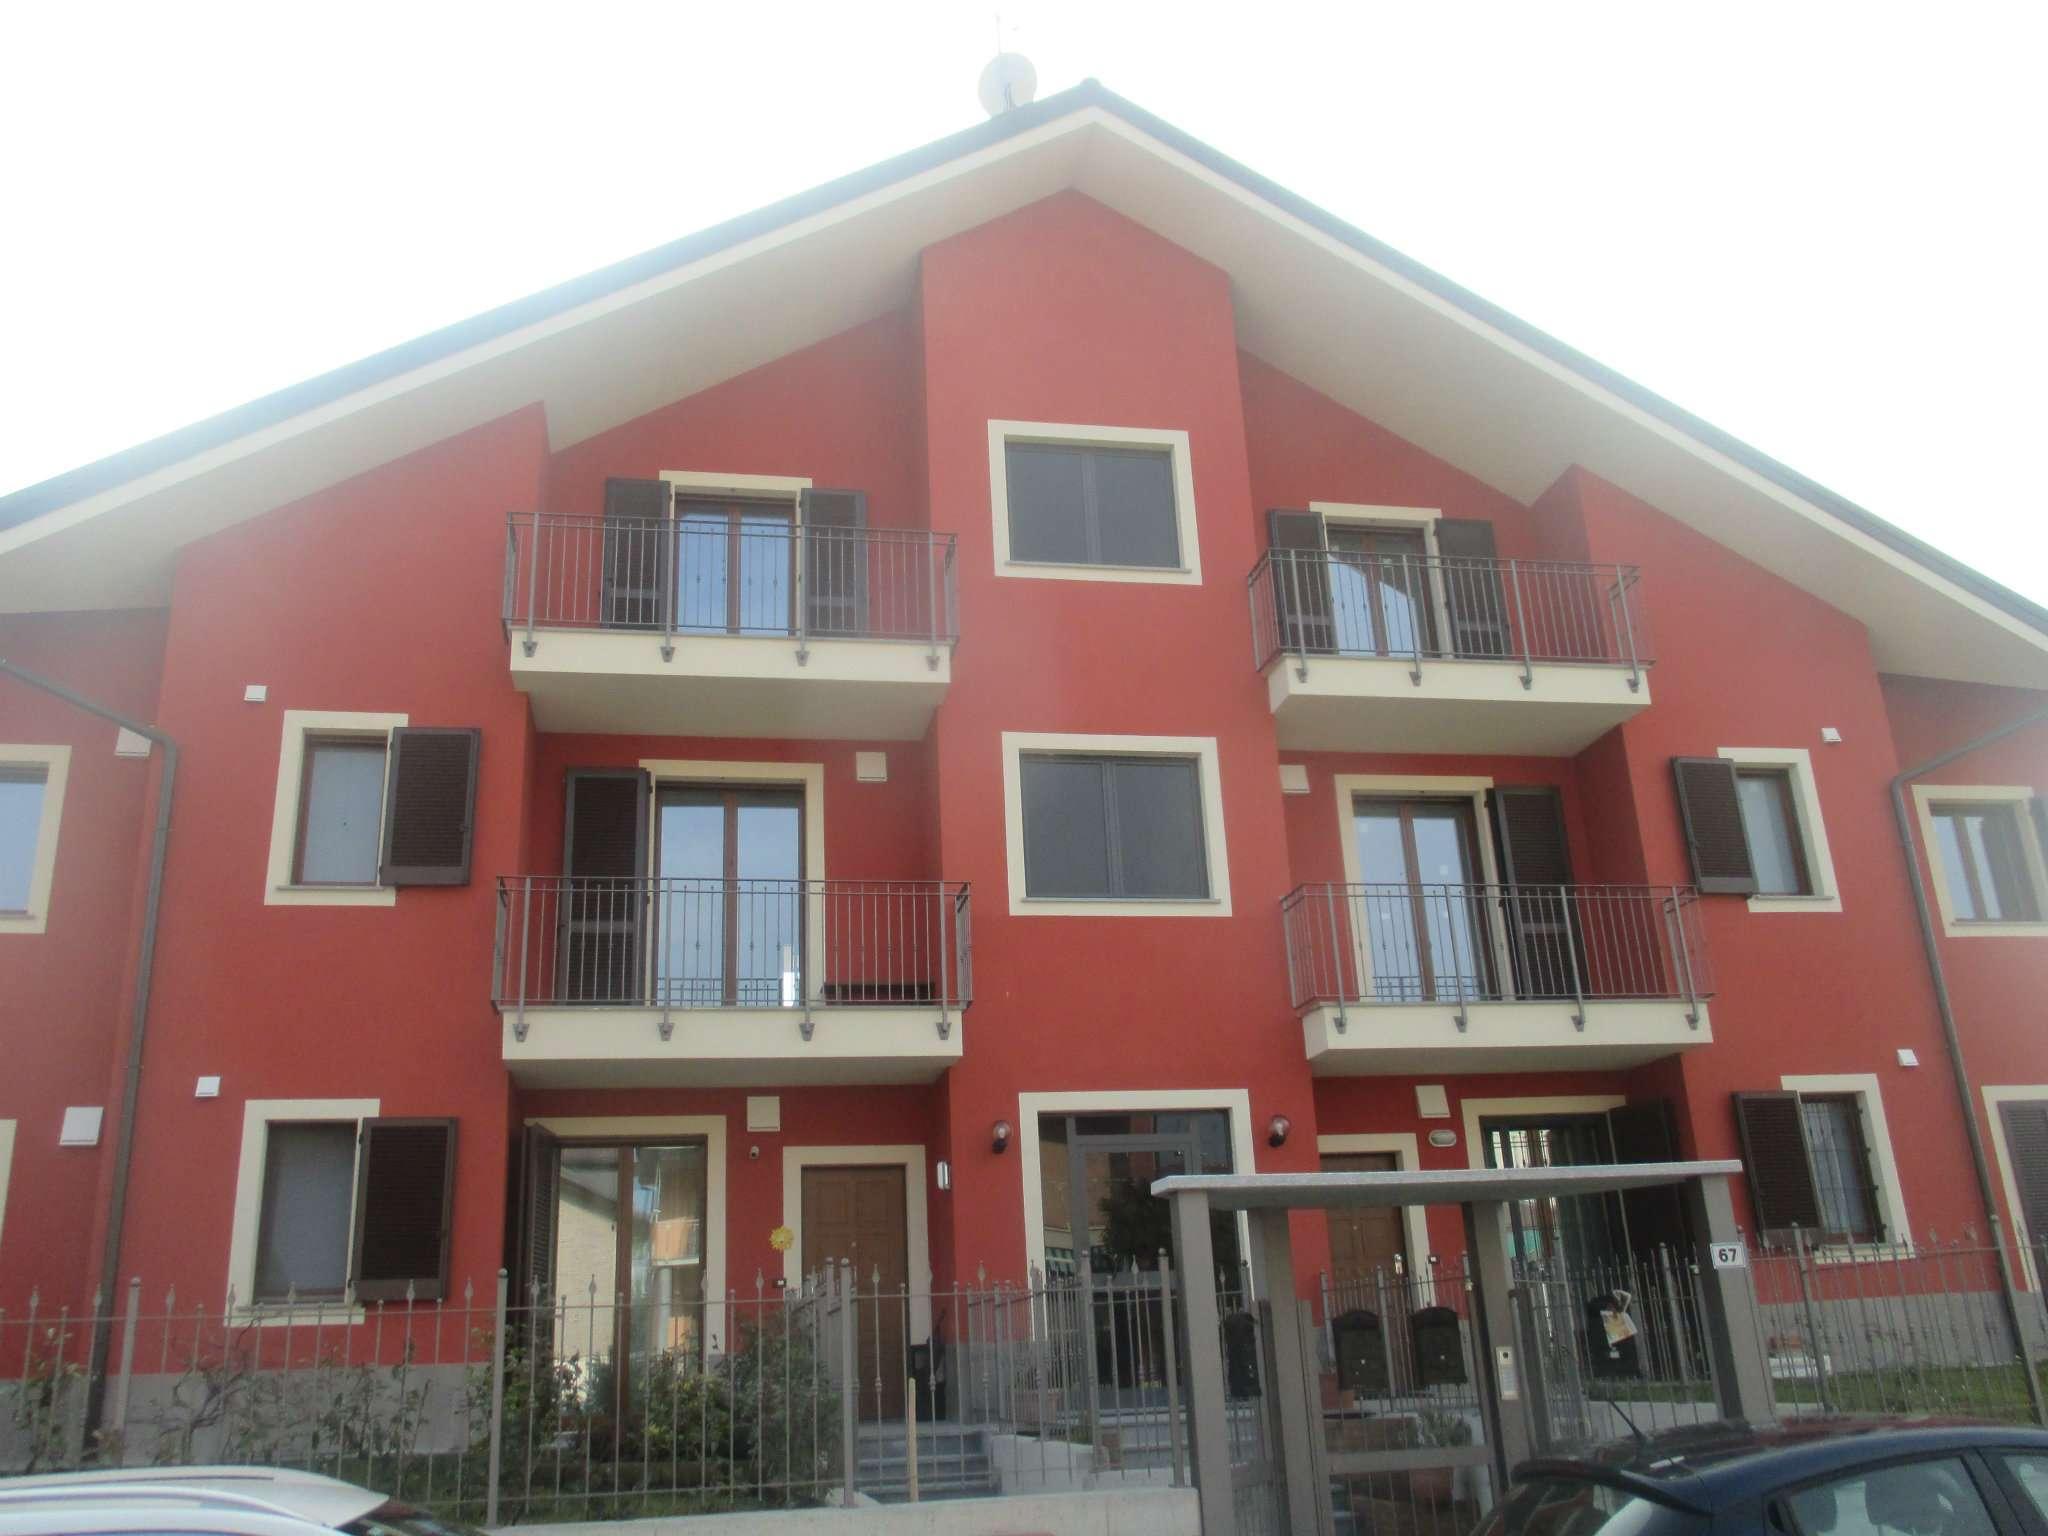 Appartamento in vendita a Brandizzo, 6 locali, prezzo € 245.000 | CambioCasa.it